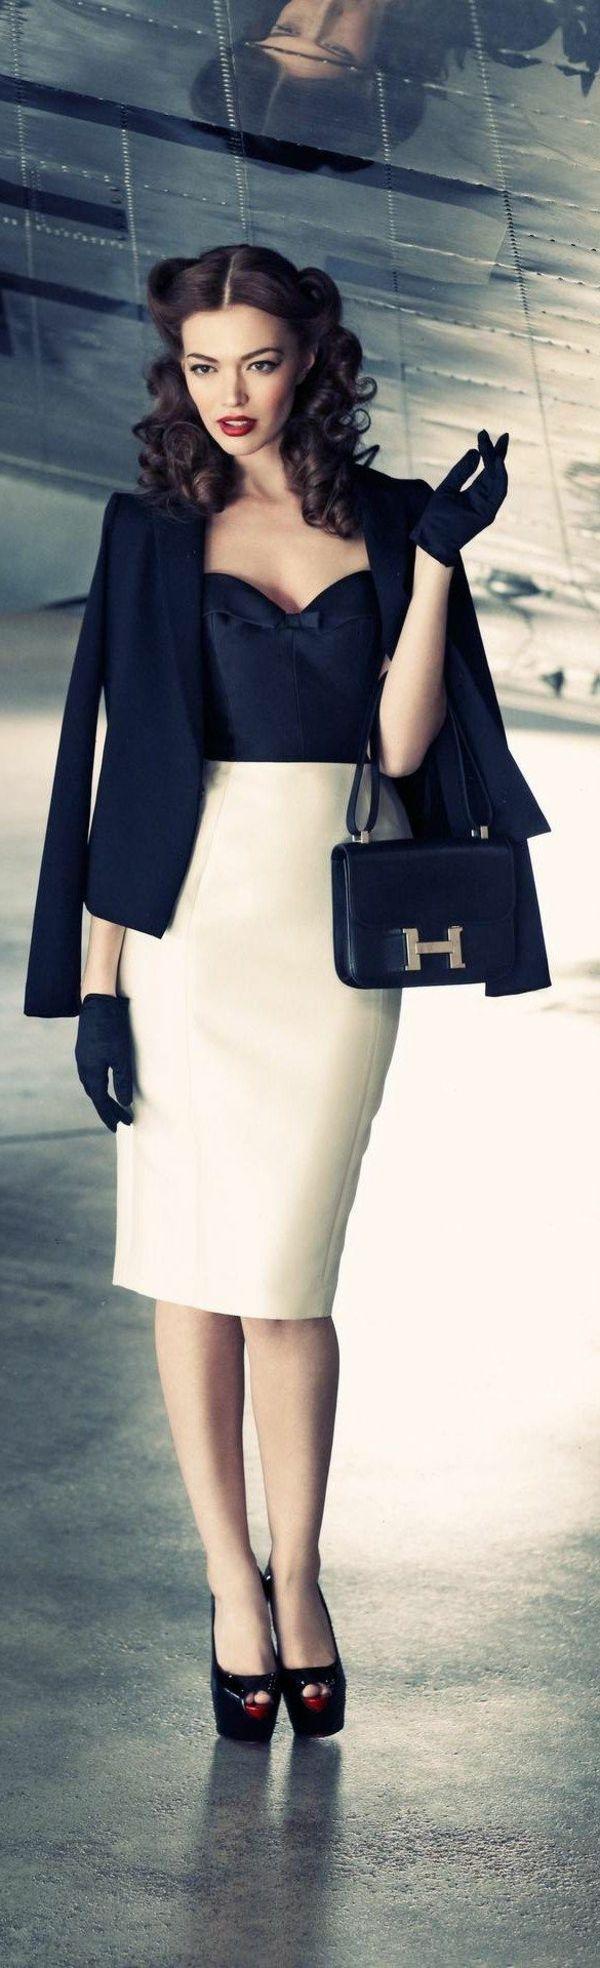 Super Best 25+ 50s dresses ideas on Pinterest | 1950s fashion dresses  DY09